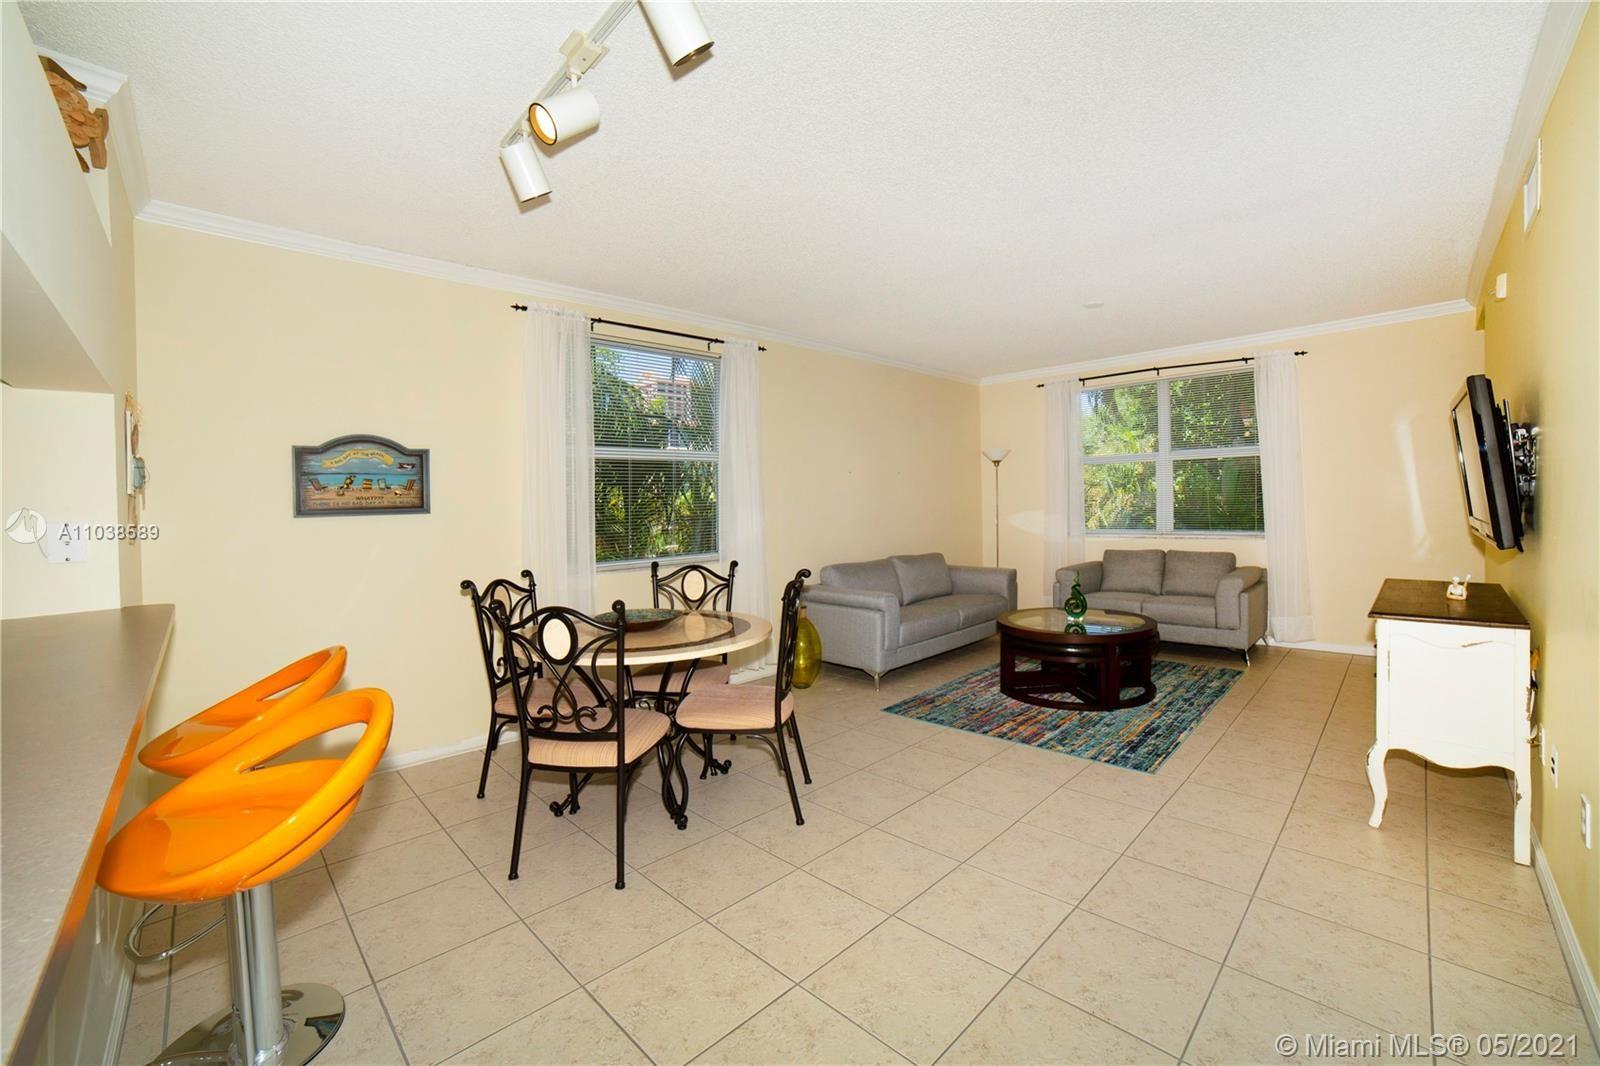 17145 N Bay Rd #4213, Sunny Isles, FL 33160 - #: A11038589